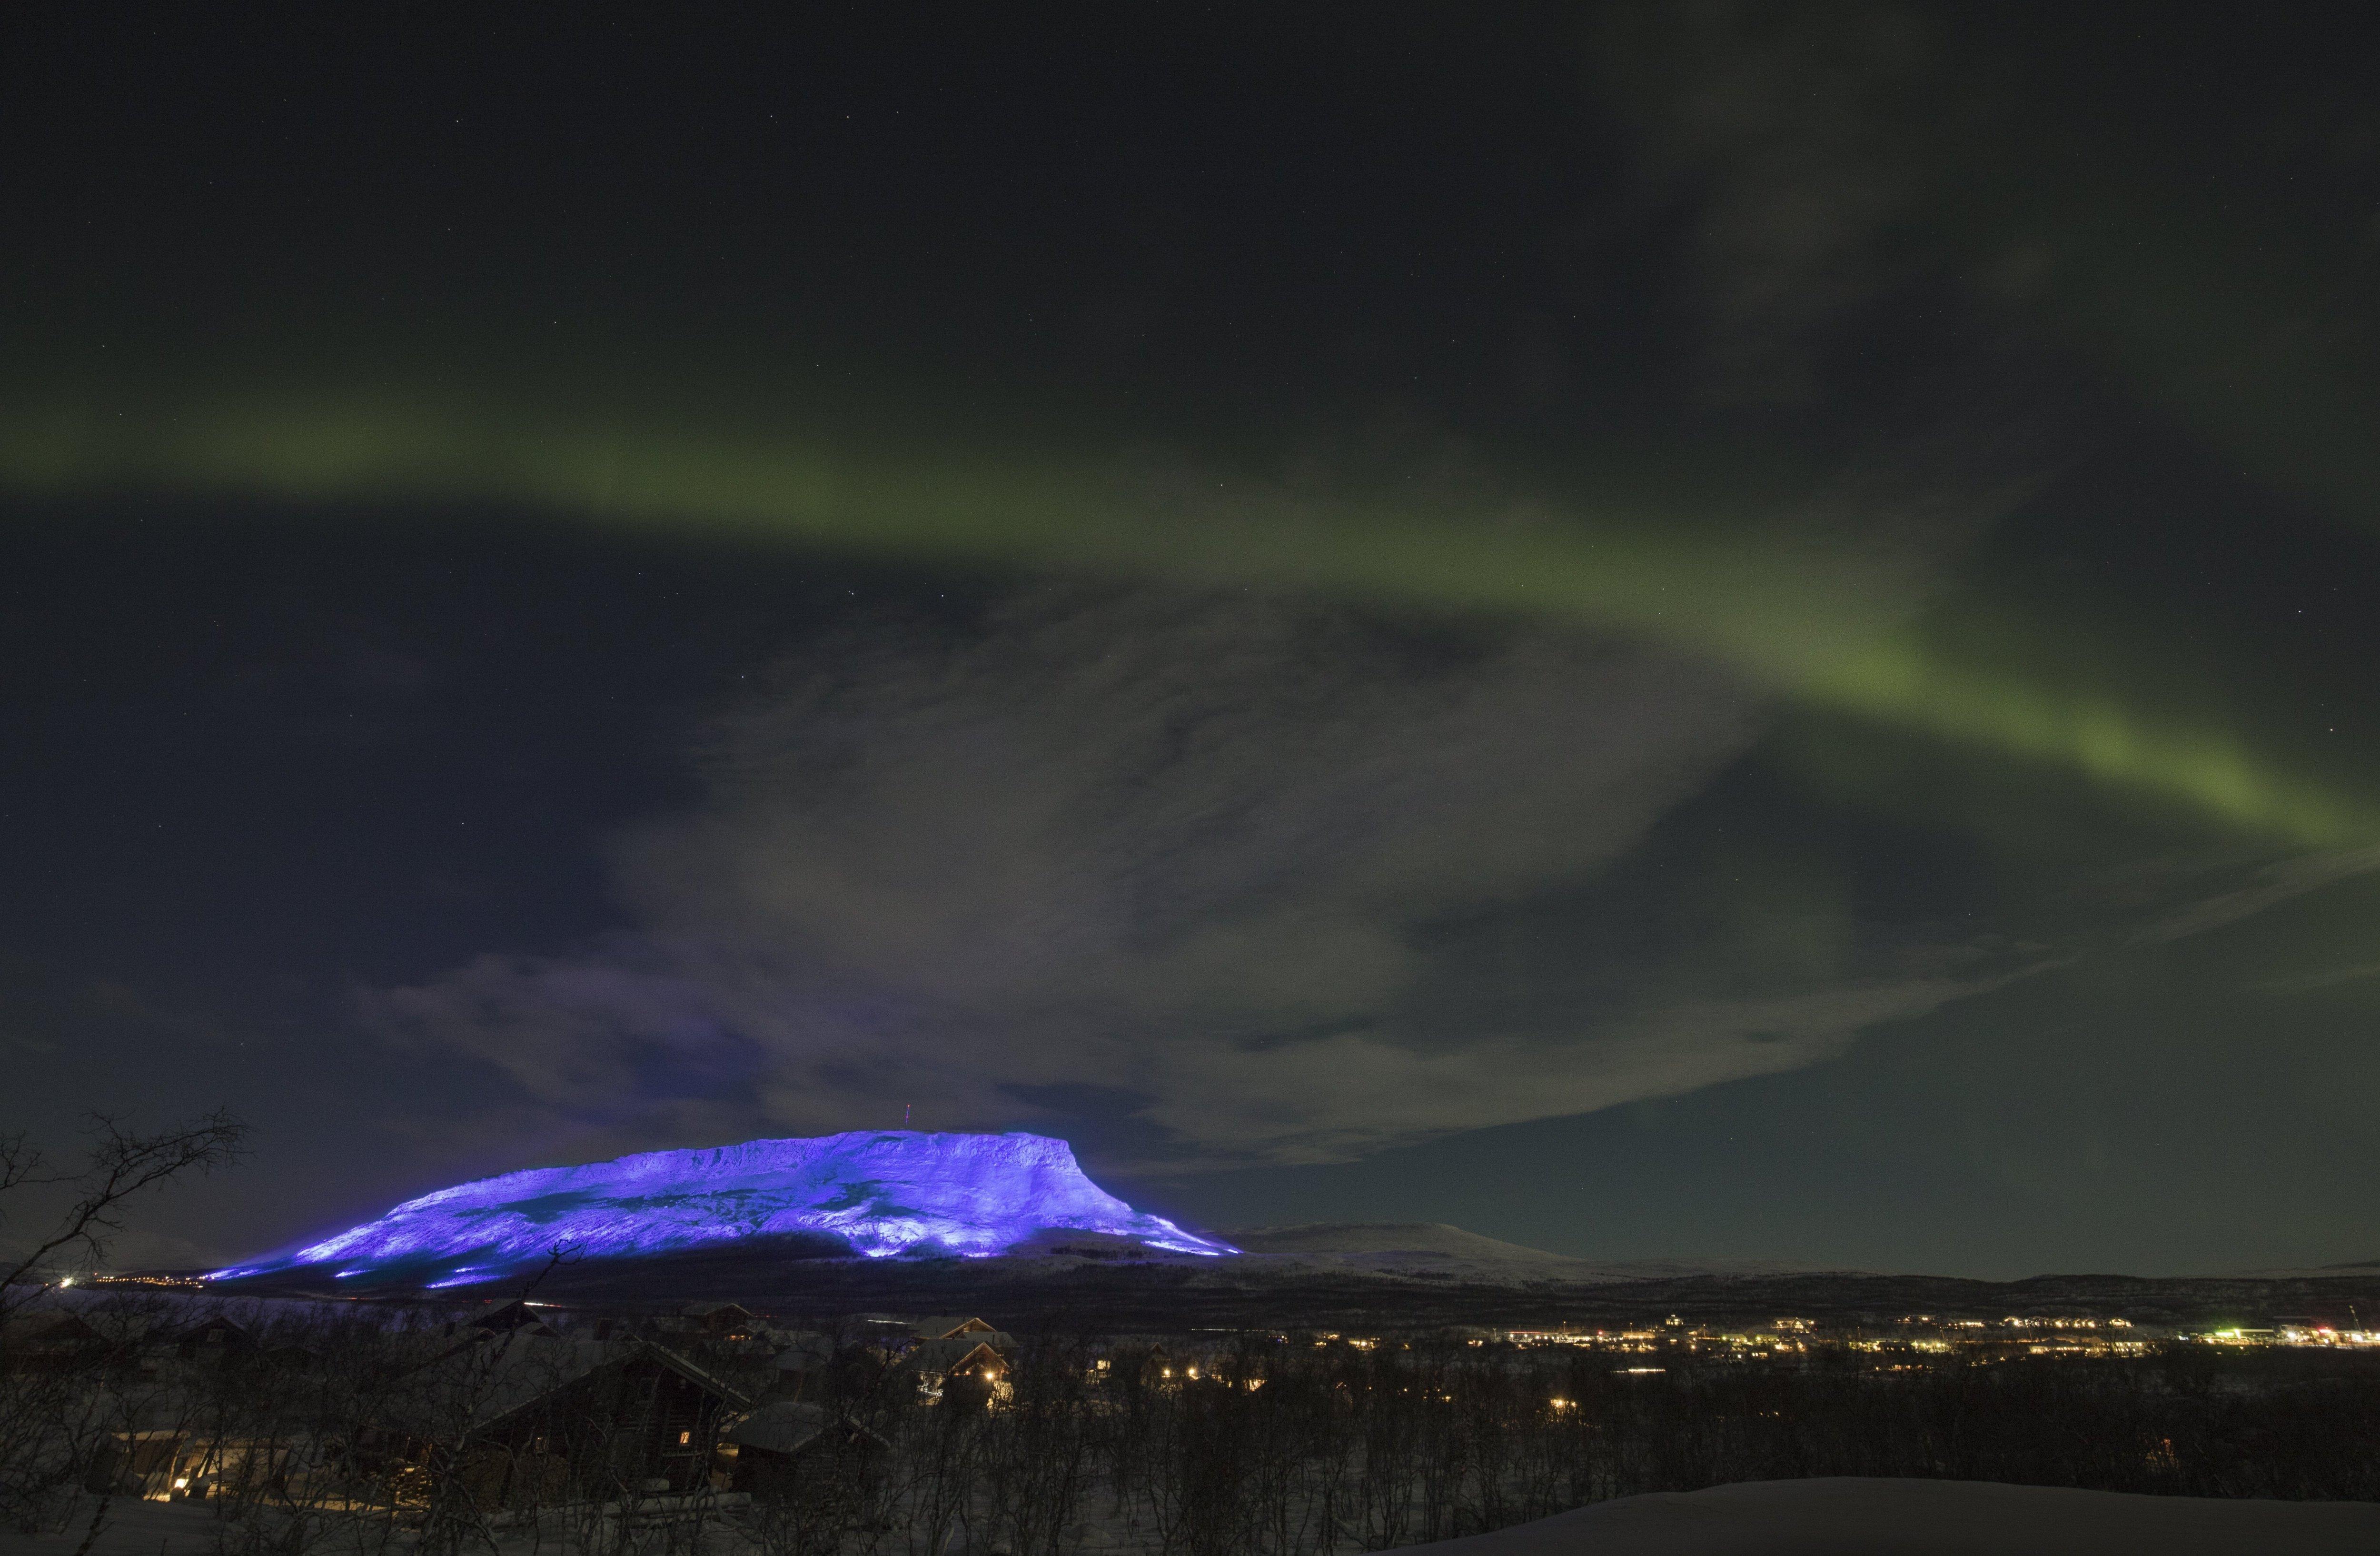 Vista del monte Saana en Lappland bajo la Aurora Boreal  - FOTO: EFE